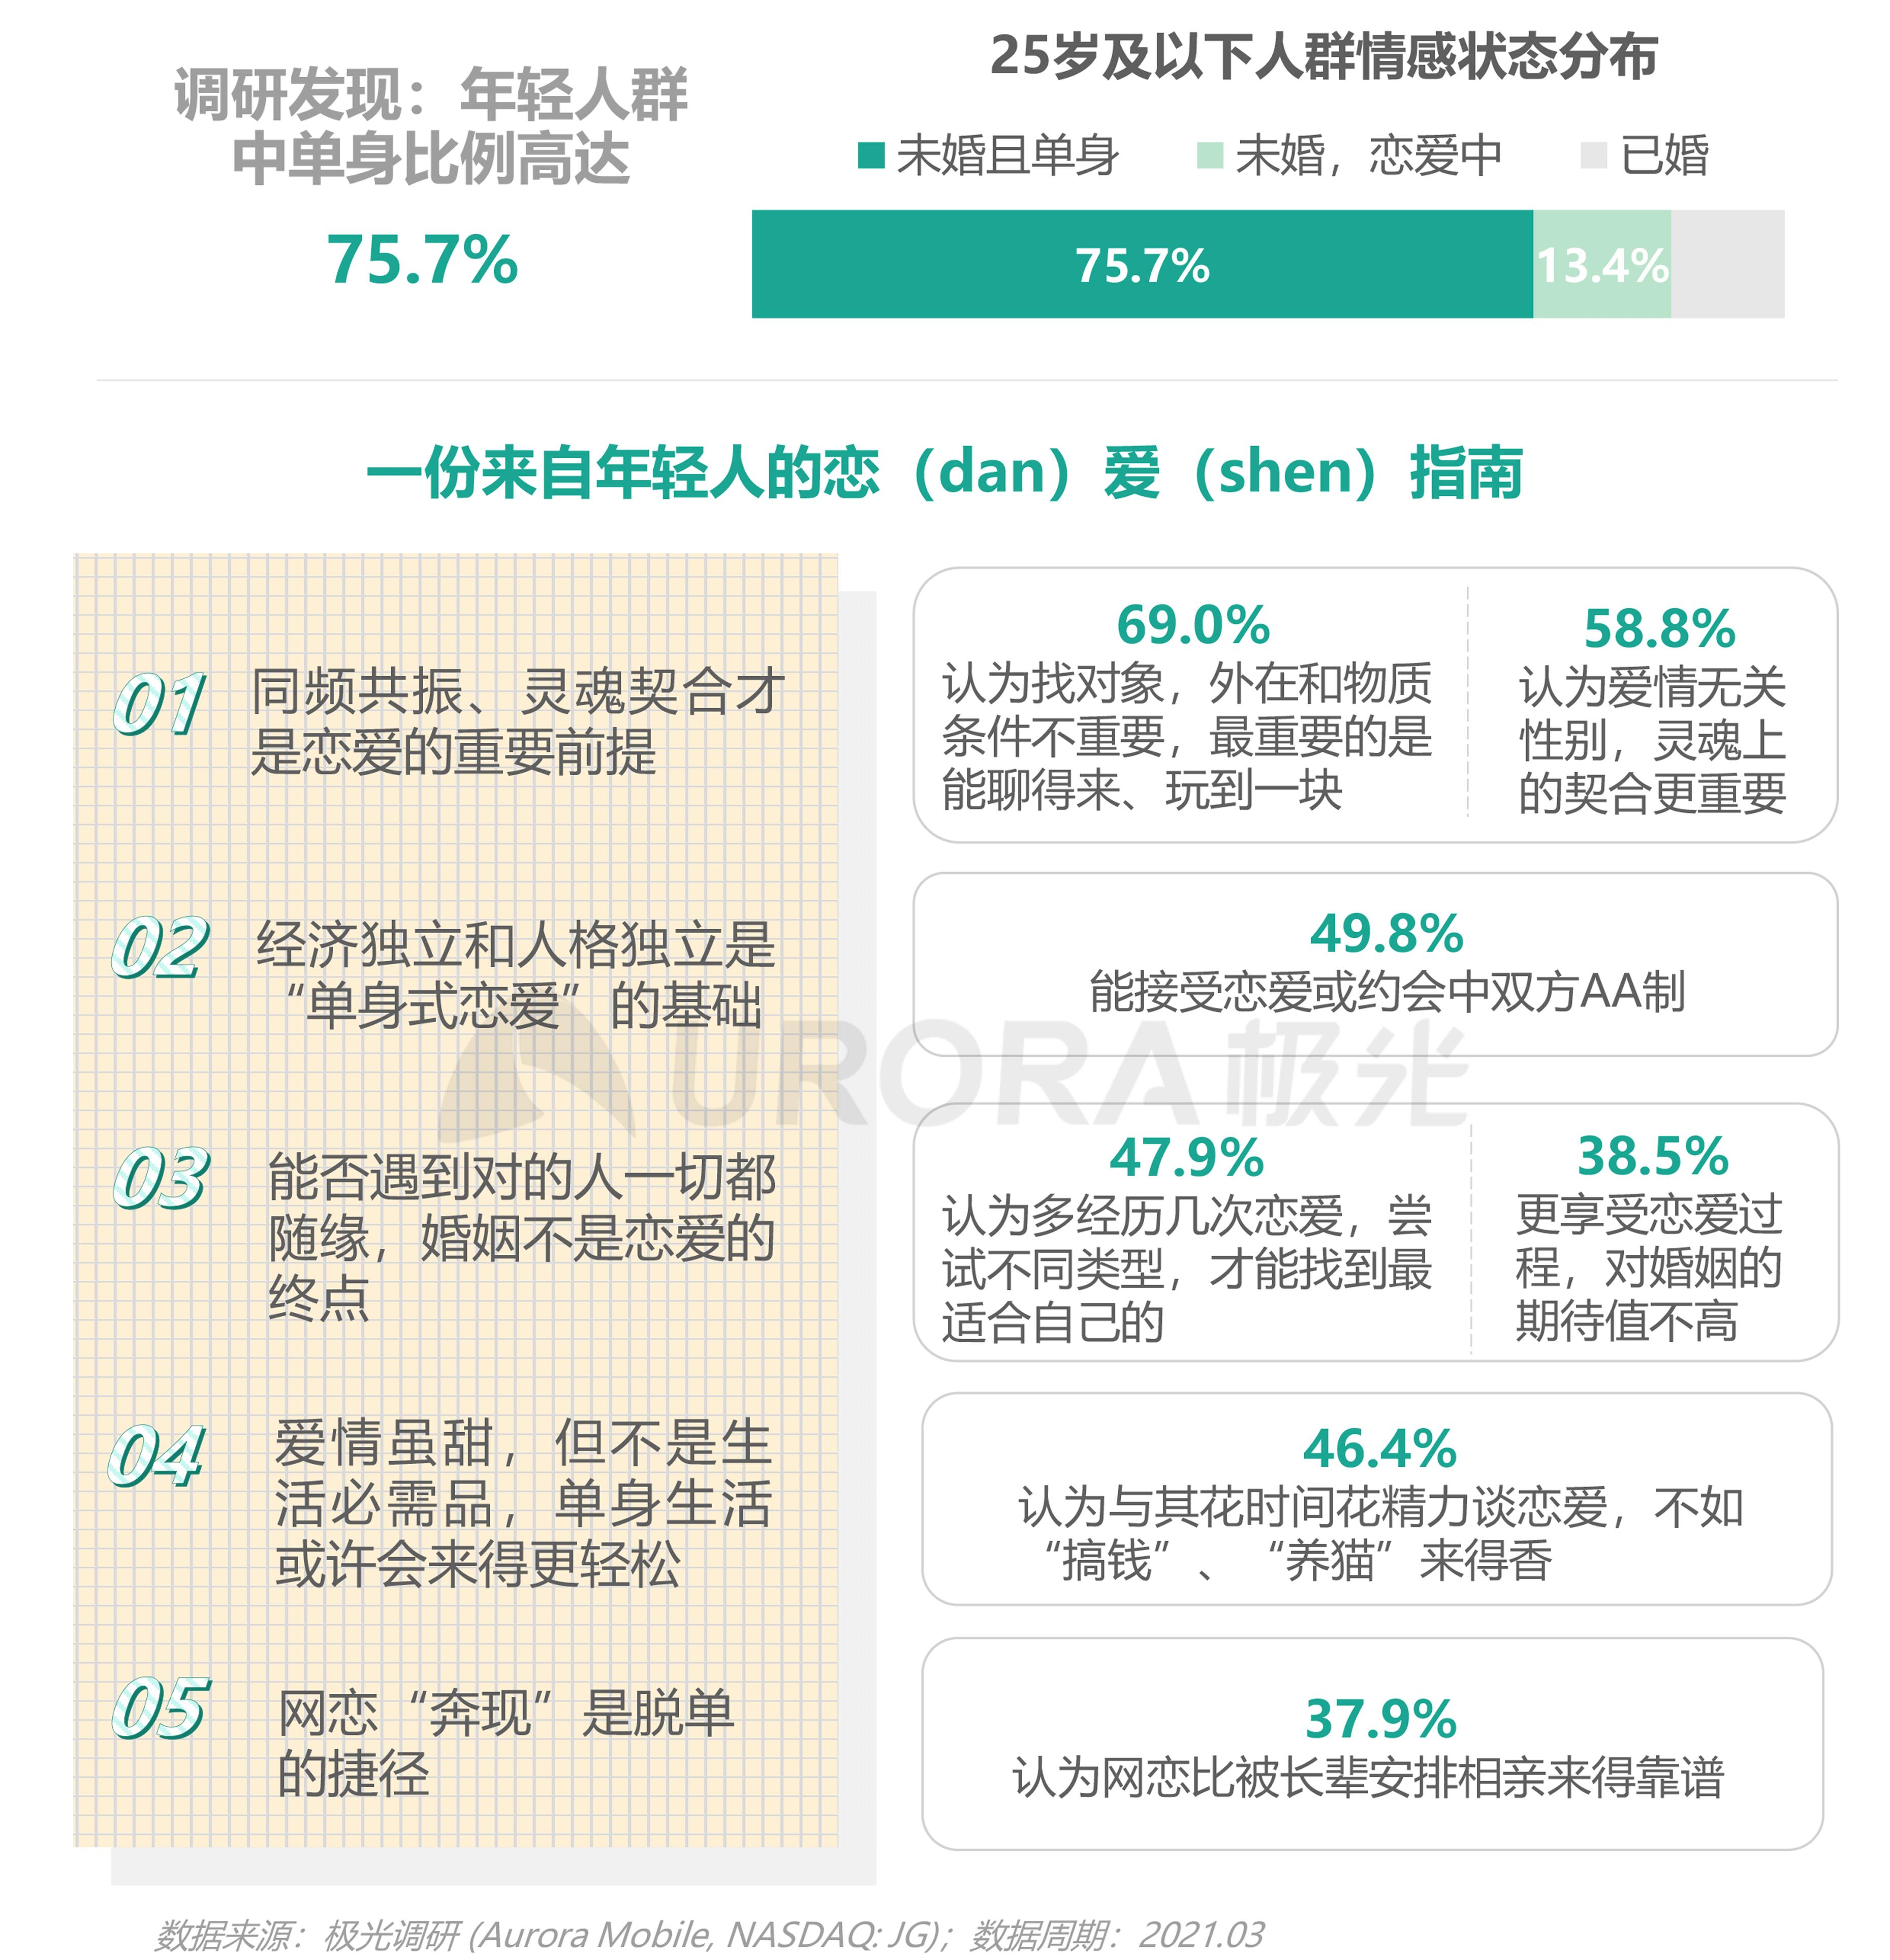 2021年轻人营销趋势研究报告【定稿】-12.png